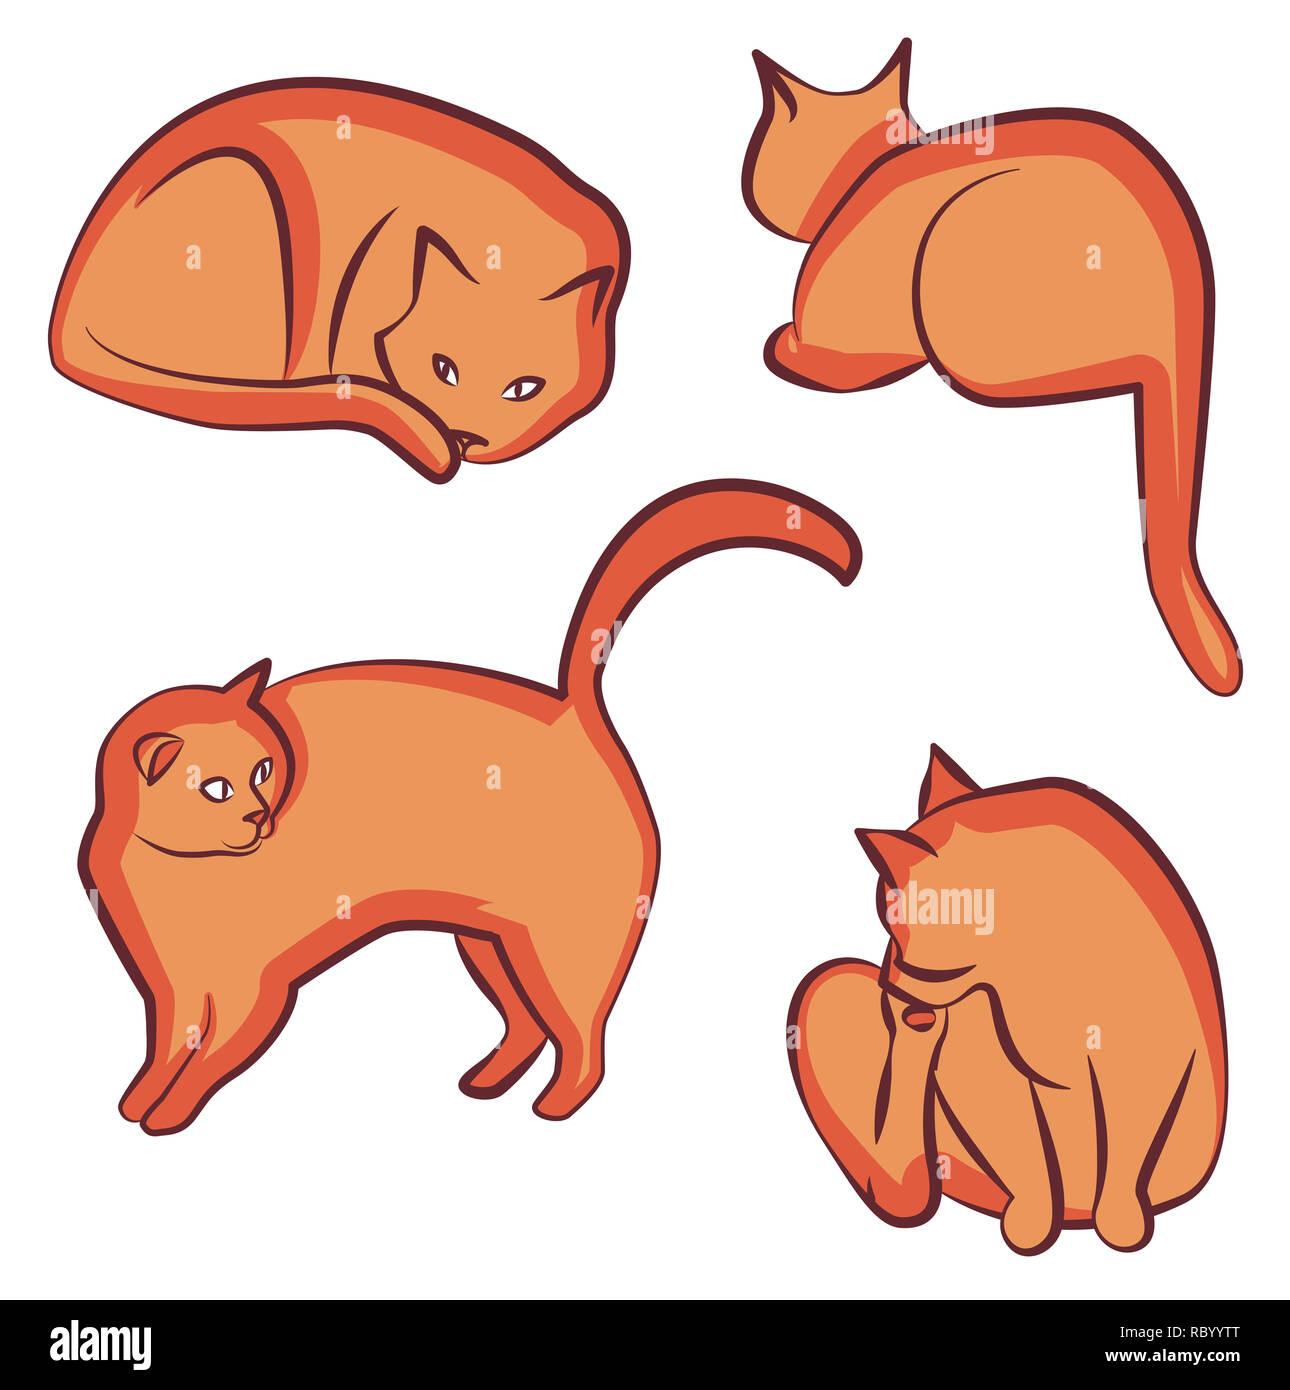 Orange cat different poses clipart - Stock Image